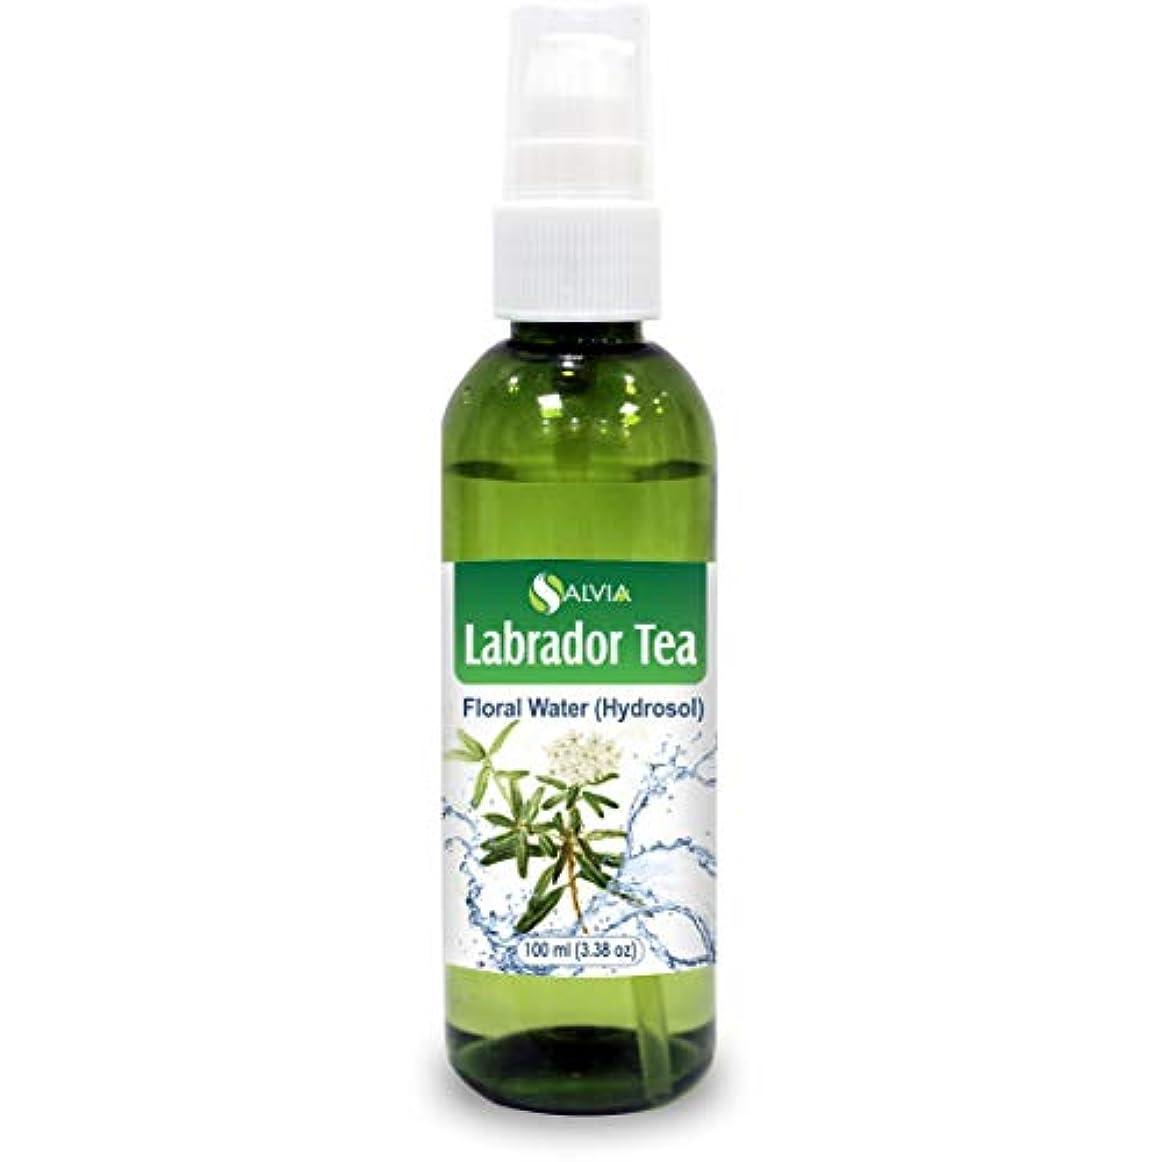 投票恐怖言い訳Labrador Tea Floral Water 100ml (Hydrosol) 100% Pure And Natural